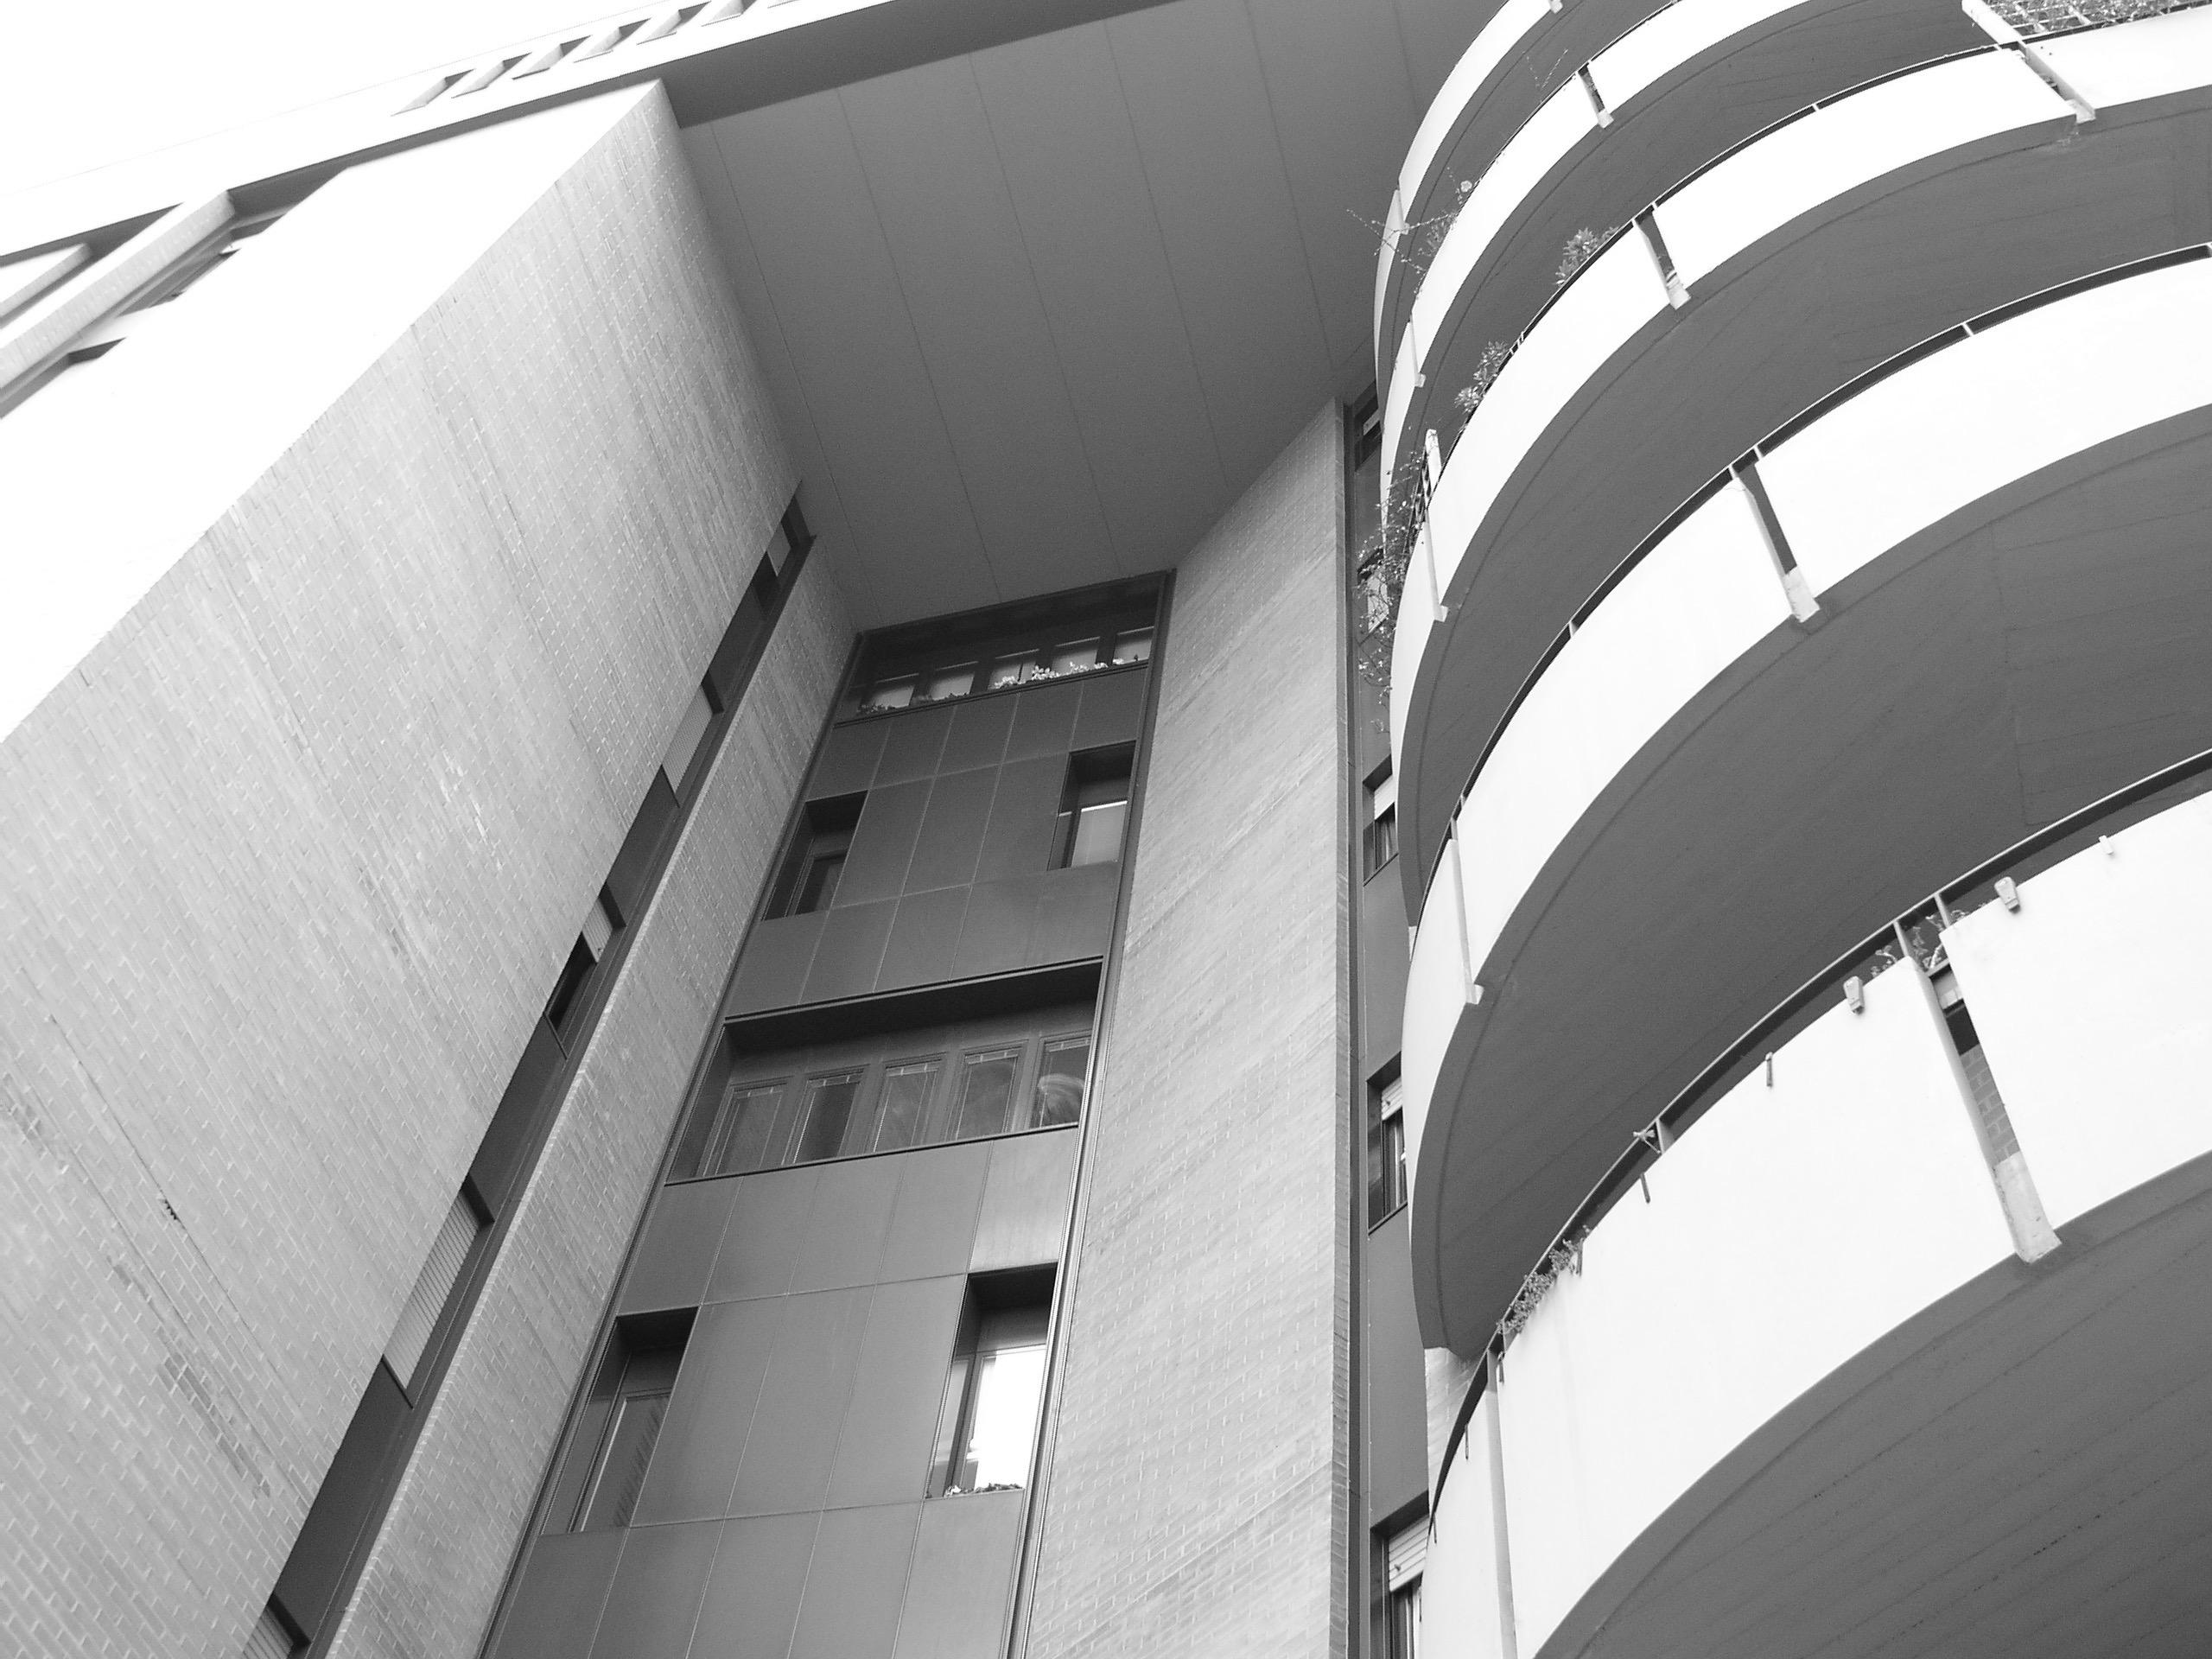 1010338 Studio Bacchi Architetti Stadium Torre